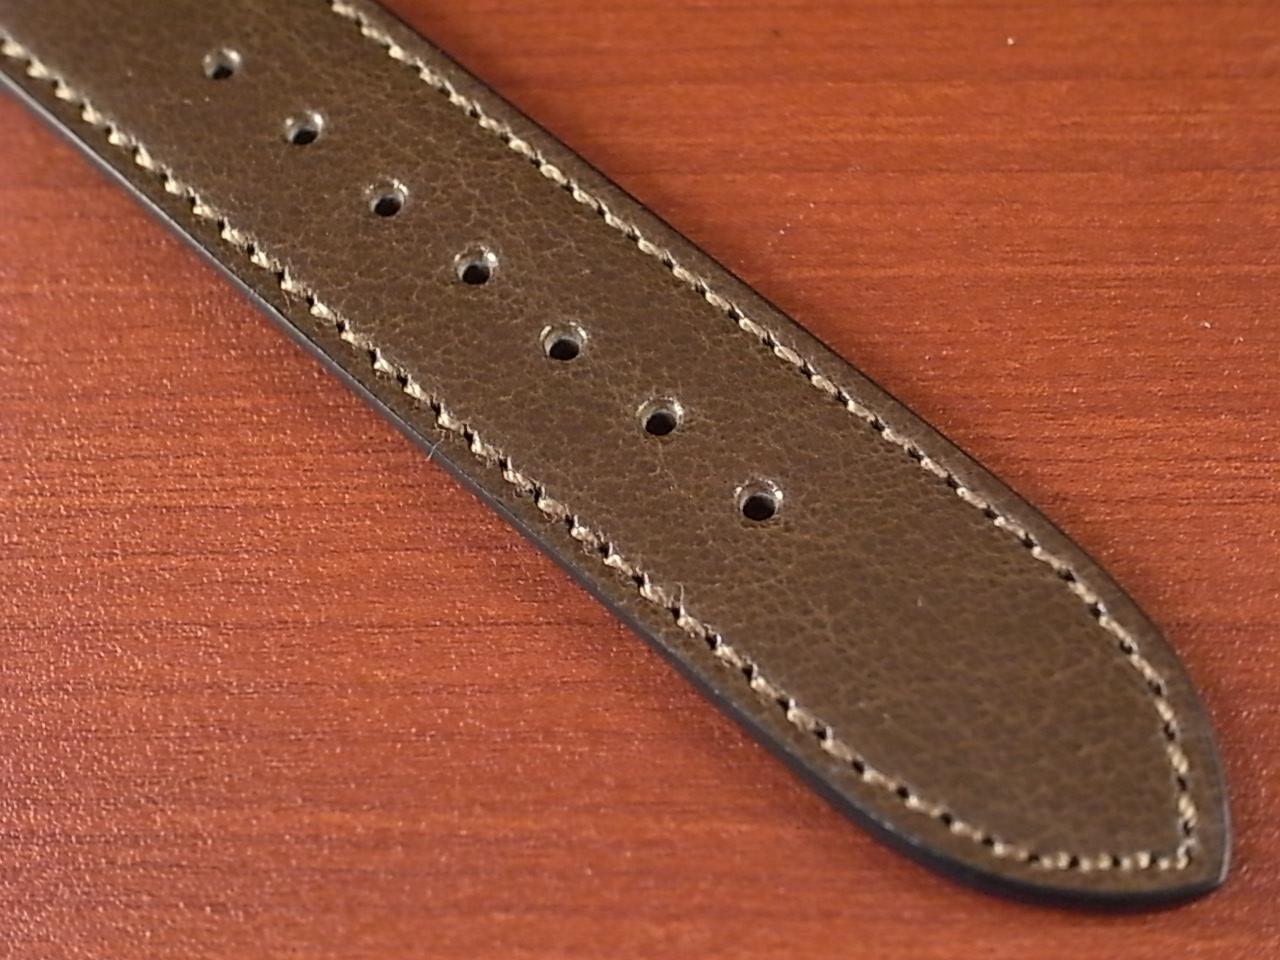 バッファロー 革ベルト グレイッシュブラウン 16mm オリジナル CBB-001aの写真5枚目